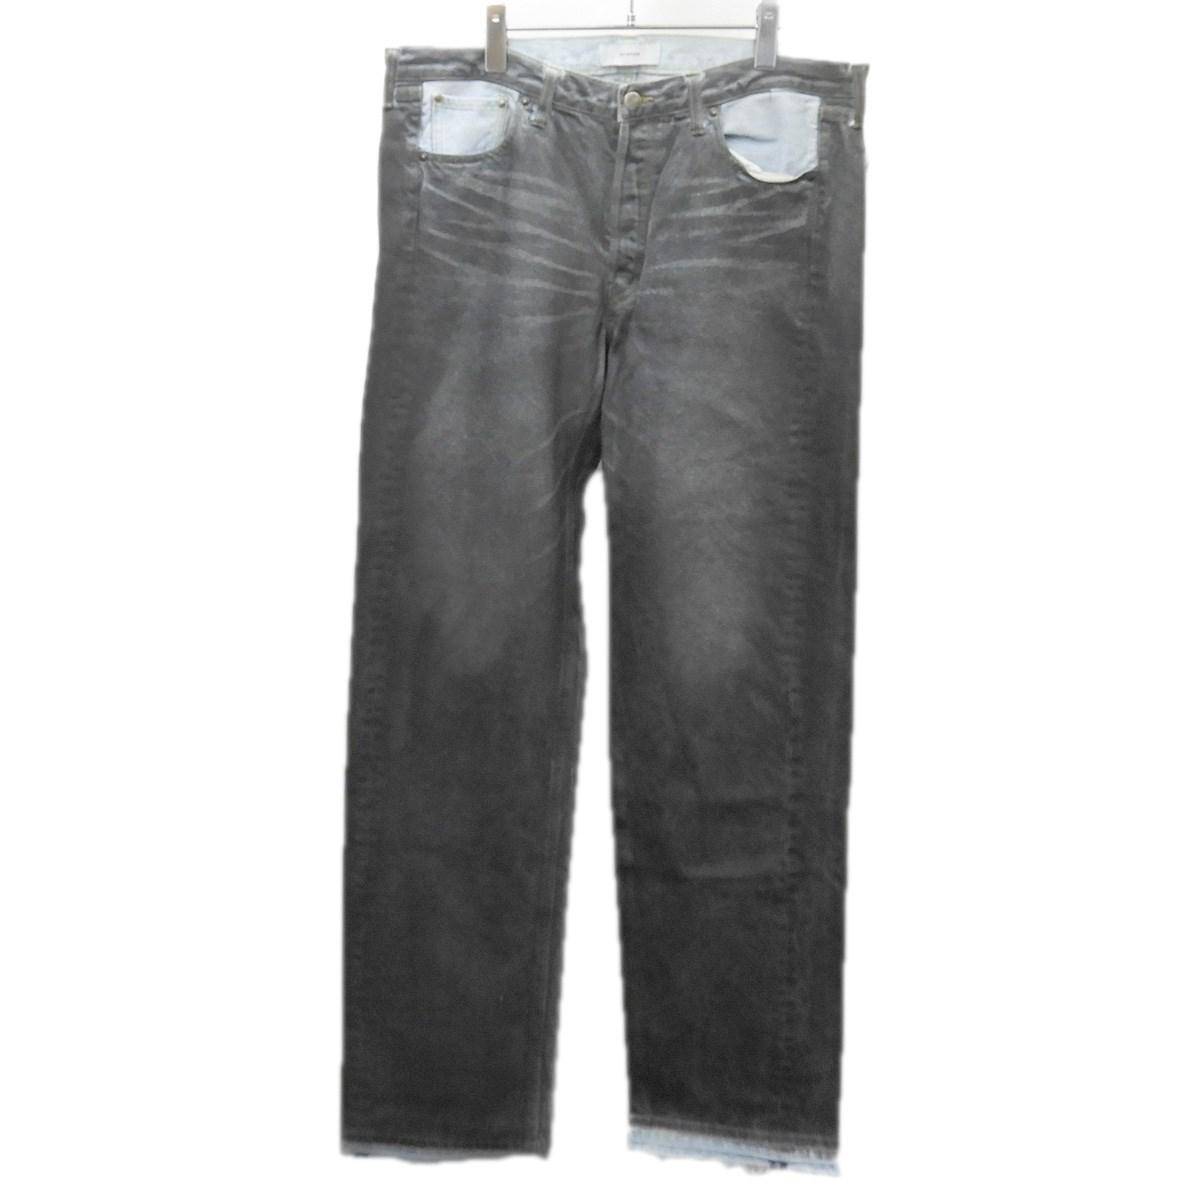 【中古】FACETASM 「COLOUR COATED DENIM PANTS」コーティングデニムパンツ ブラック サイズ:5 【200520】(ファセッタズム)